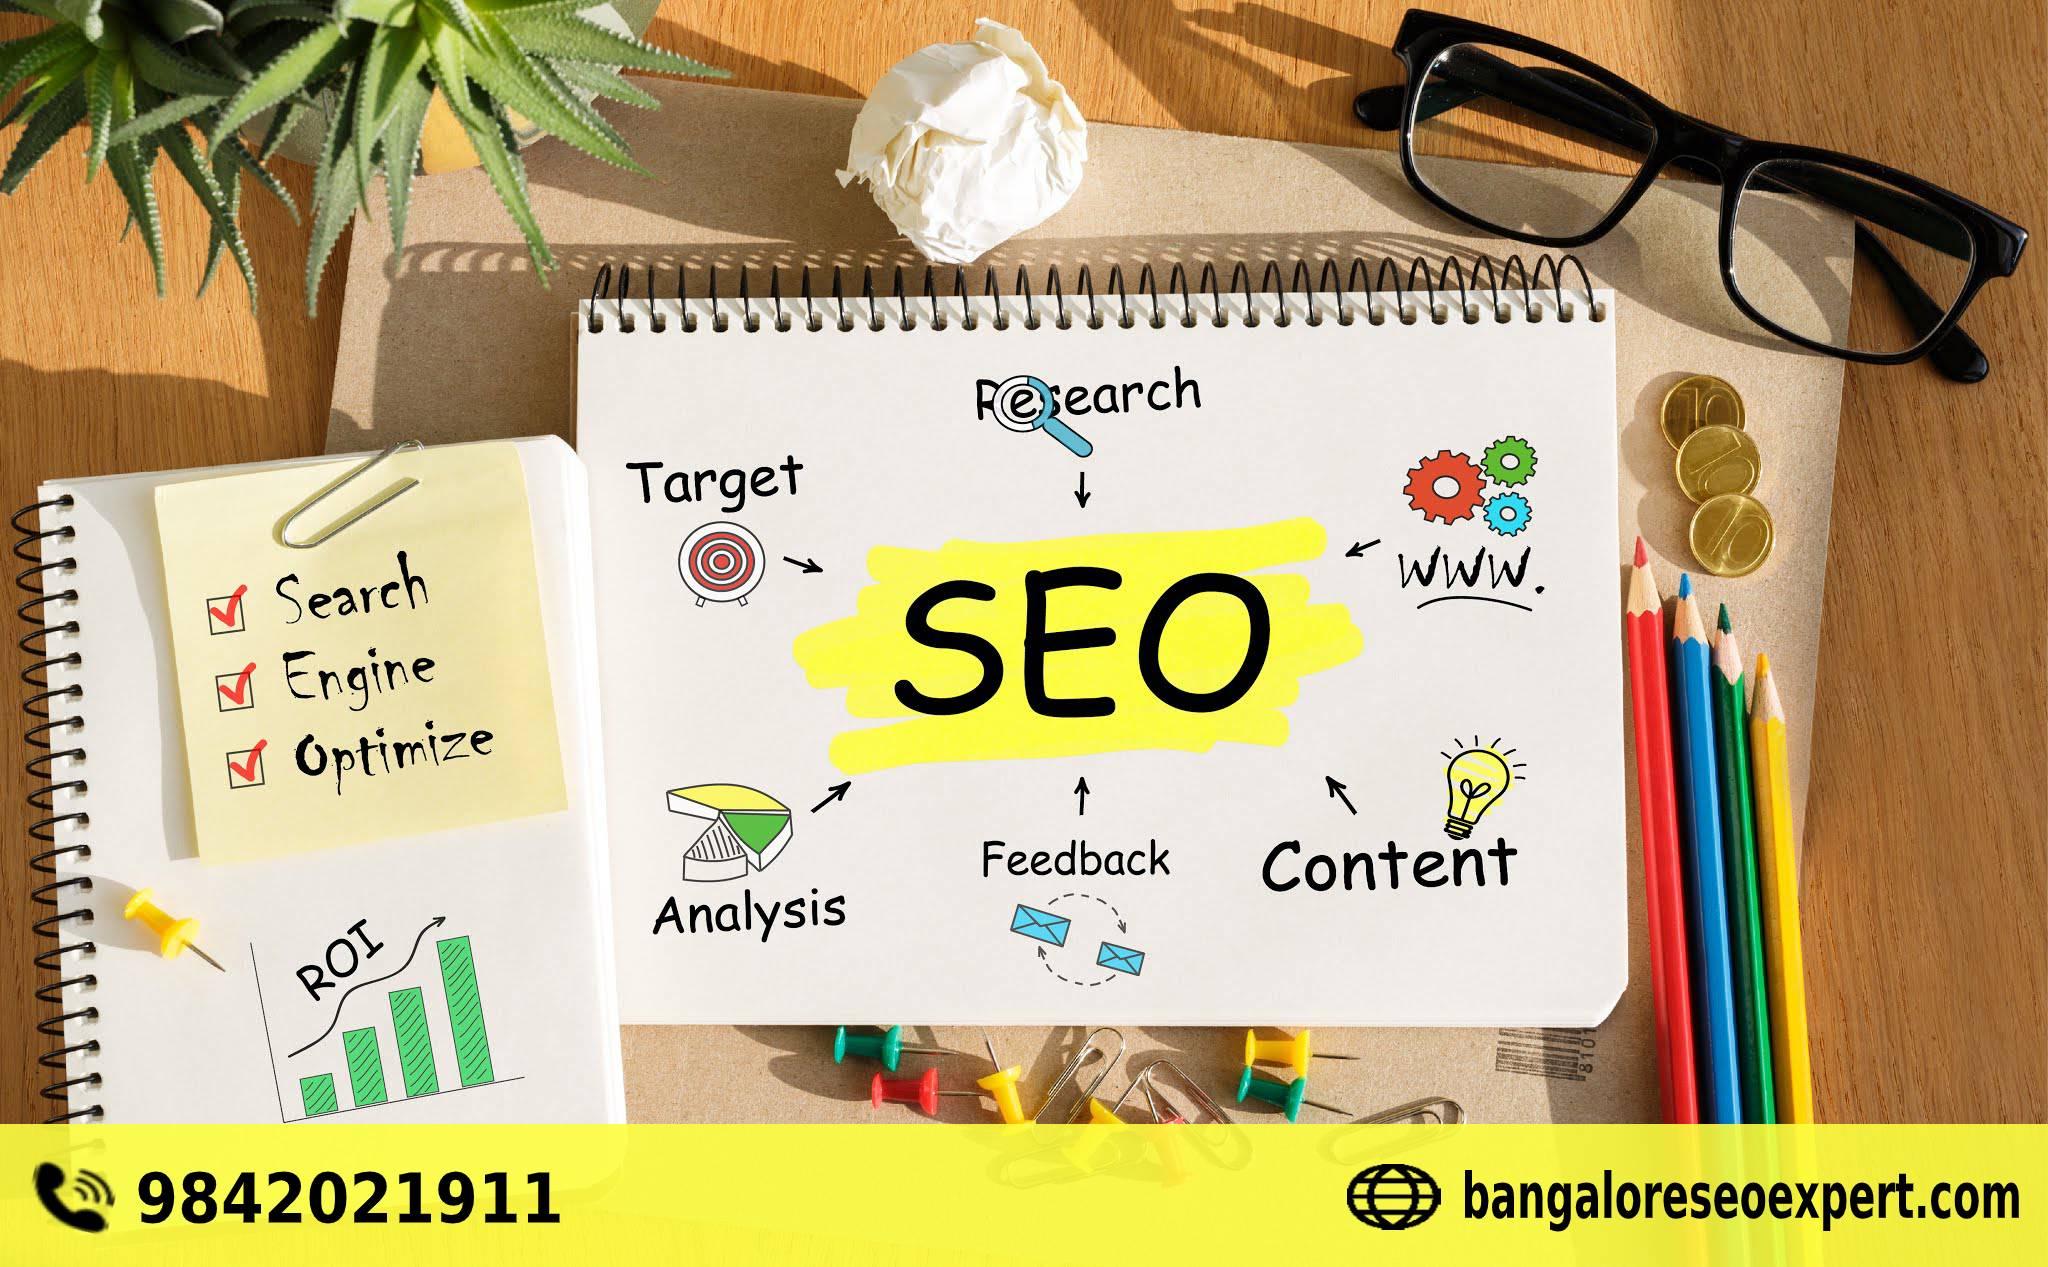 SEO freelancer Bangalore - bangaloreseoexpert.com